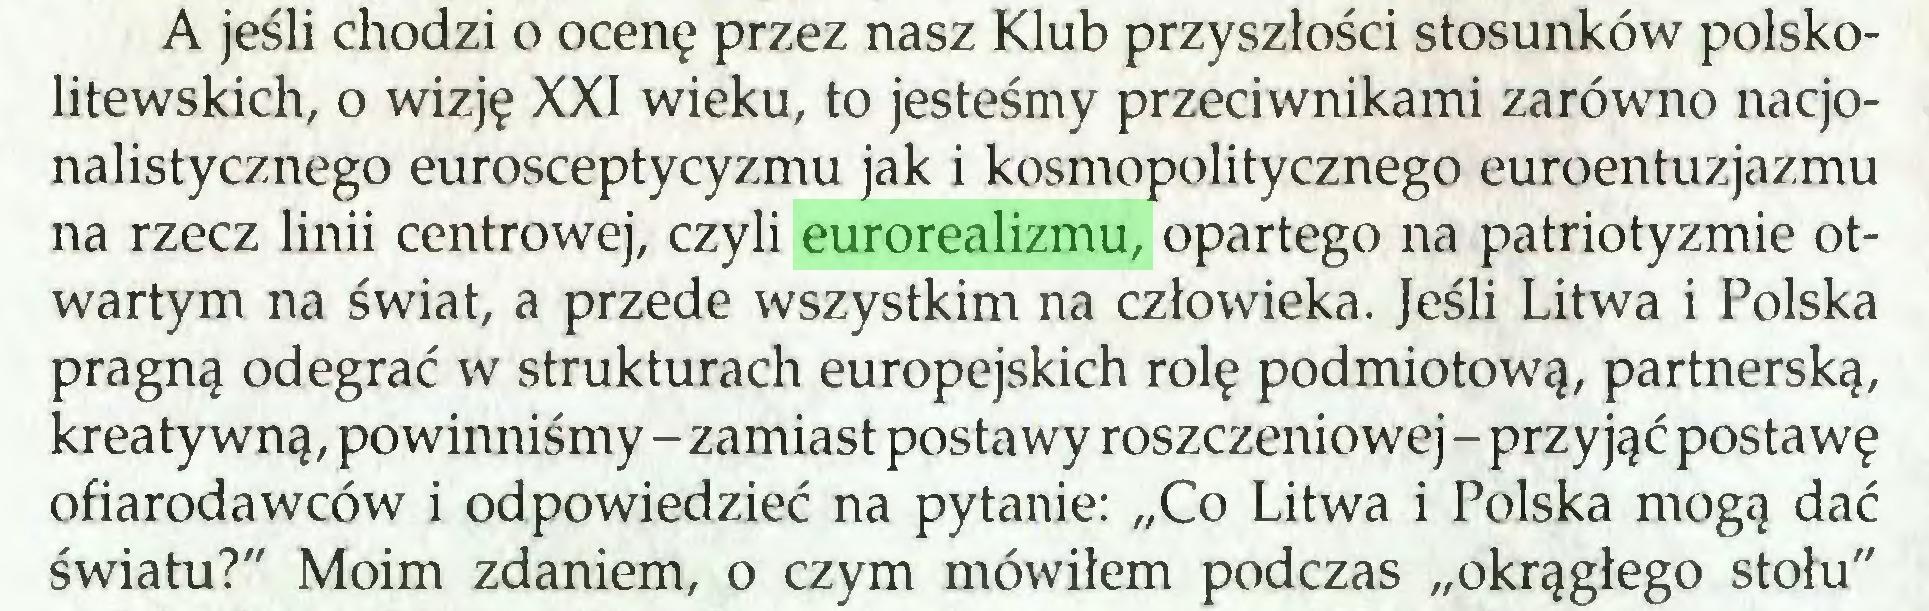 """(...) A jeśli chodzi o ocenę przez nasz Klub przyszłości stosunków polskolitewskich, o wizję XXI wieku, to jesteśmy przeciwnikami zarówno nacjonalistycznego eurosceptycyzmu jak i kosmopolitycznego euroentuzjazmu na rzecz linii centrowej, czyli eurorealizmu, opartego na patriotyzmie otwartym na świat, a przede wszystkim na człowieka. Jeśli Litwa i Polska pragną odegrać w strukturach europejskich rolę podmiotową, partnerską, kreatywną, powinniśmy - zamiast postawy roszczeniowej - przyjąć postawę ofiarodawców i odpowiedzieć na pytanie: """"Co Litwa i Polska mogą dać światu?"""" Moim zdaniem, o czym mówiłem podczas """"okrągłego stołu""""..."""